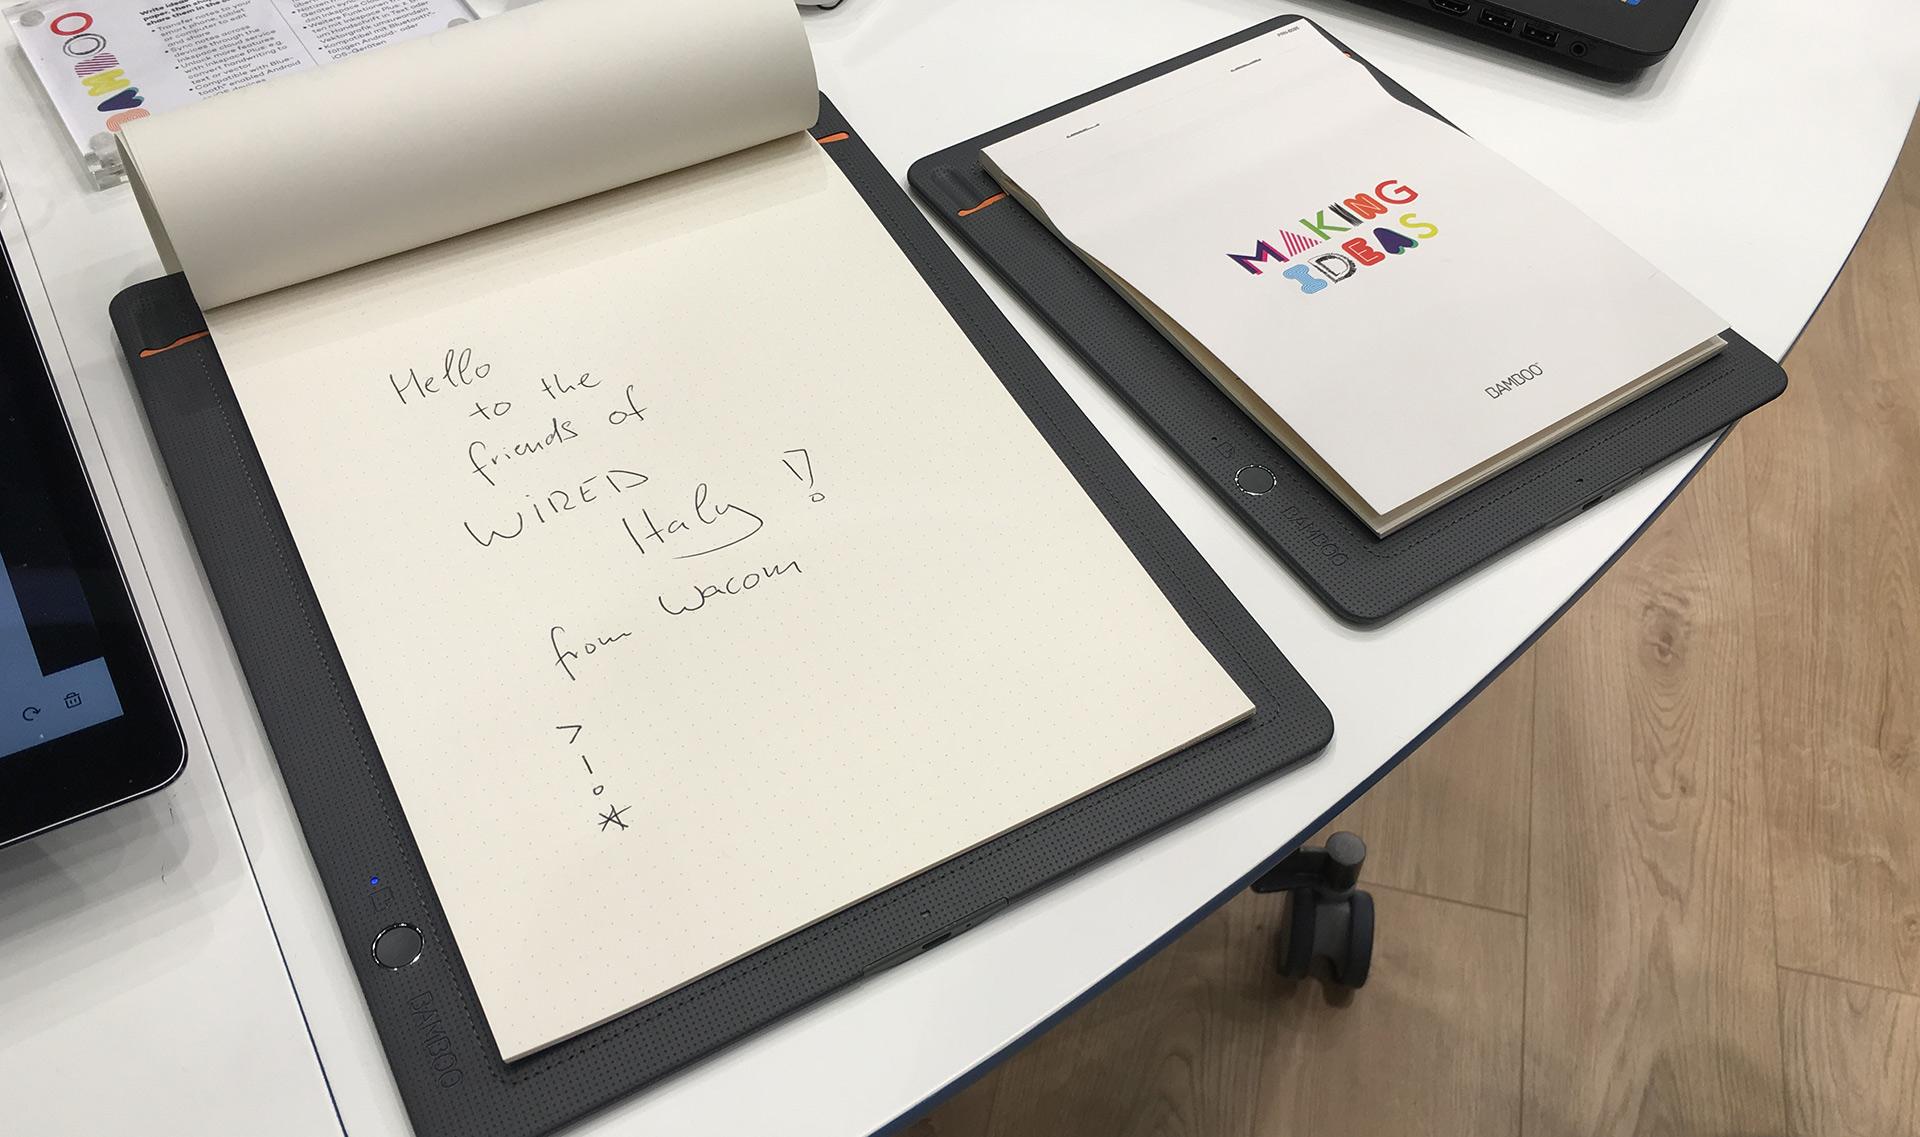 I nuovi prodotti Wacom sono pensati per carta e penna - Wired